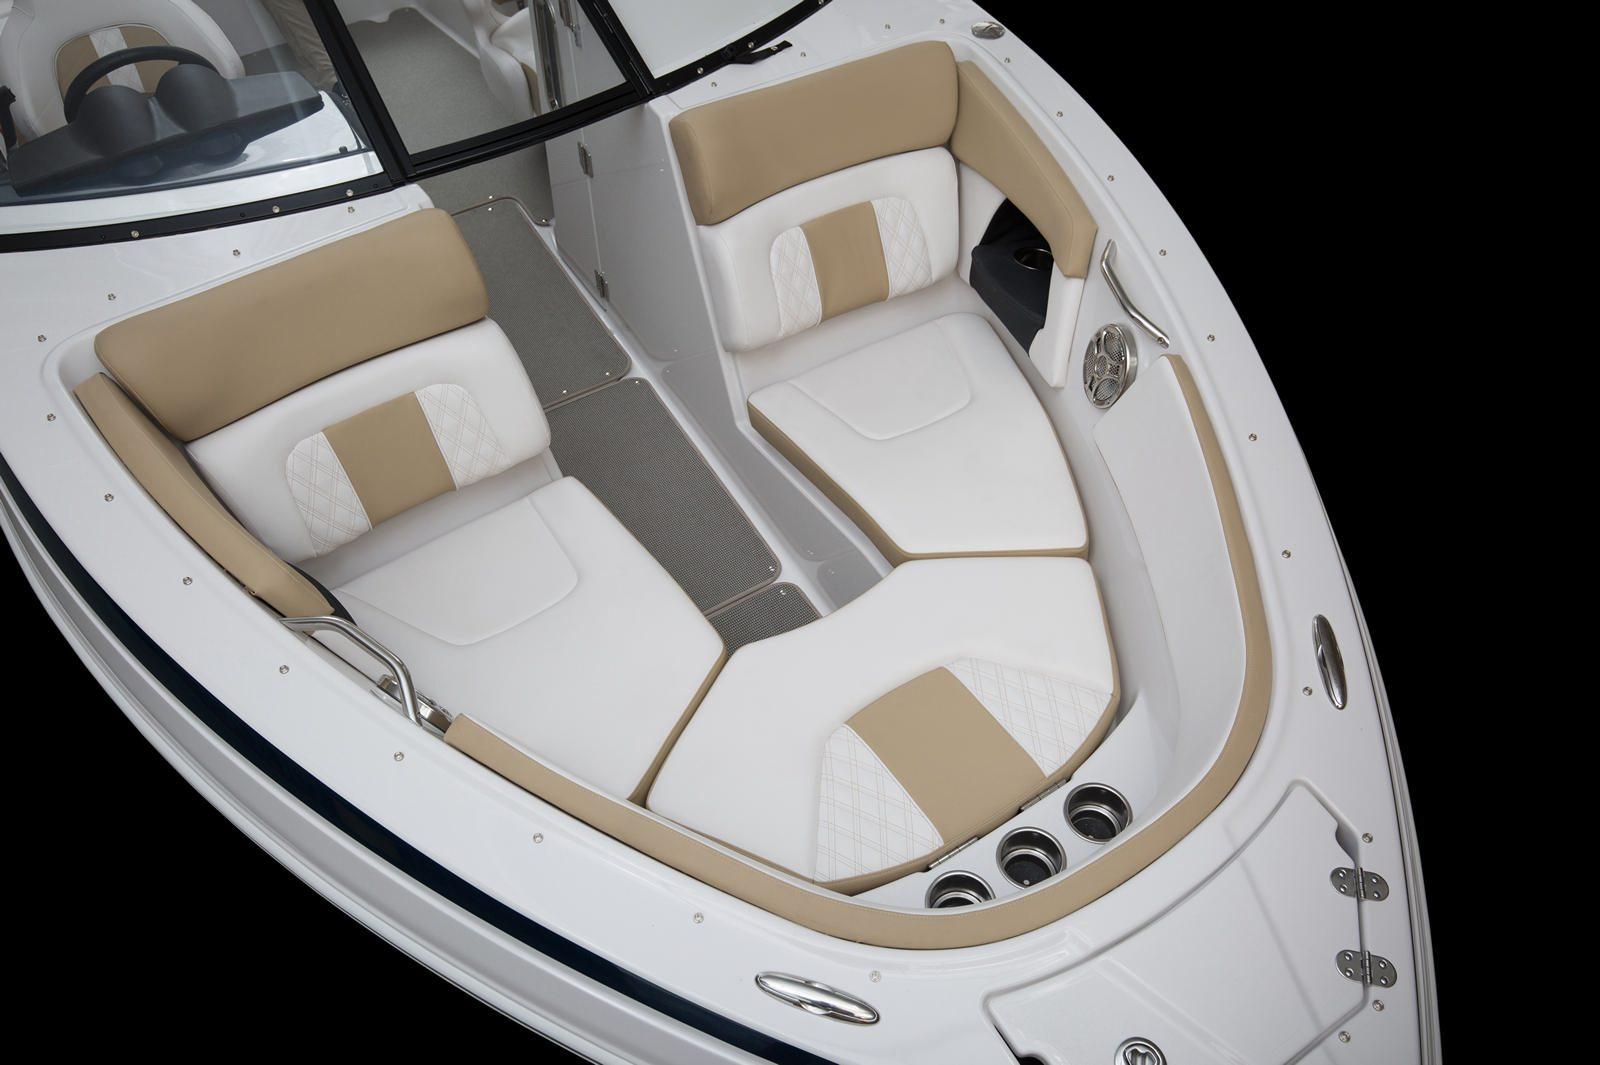 סירת ספורט Glastron 245 GT/GTS - סטרים יאכטות